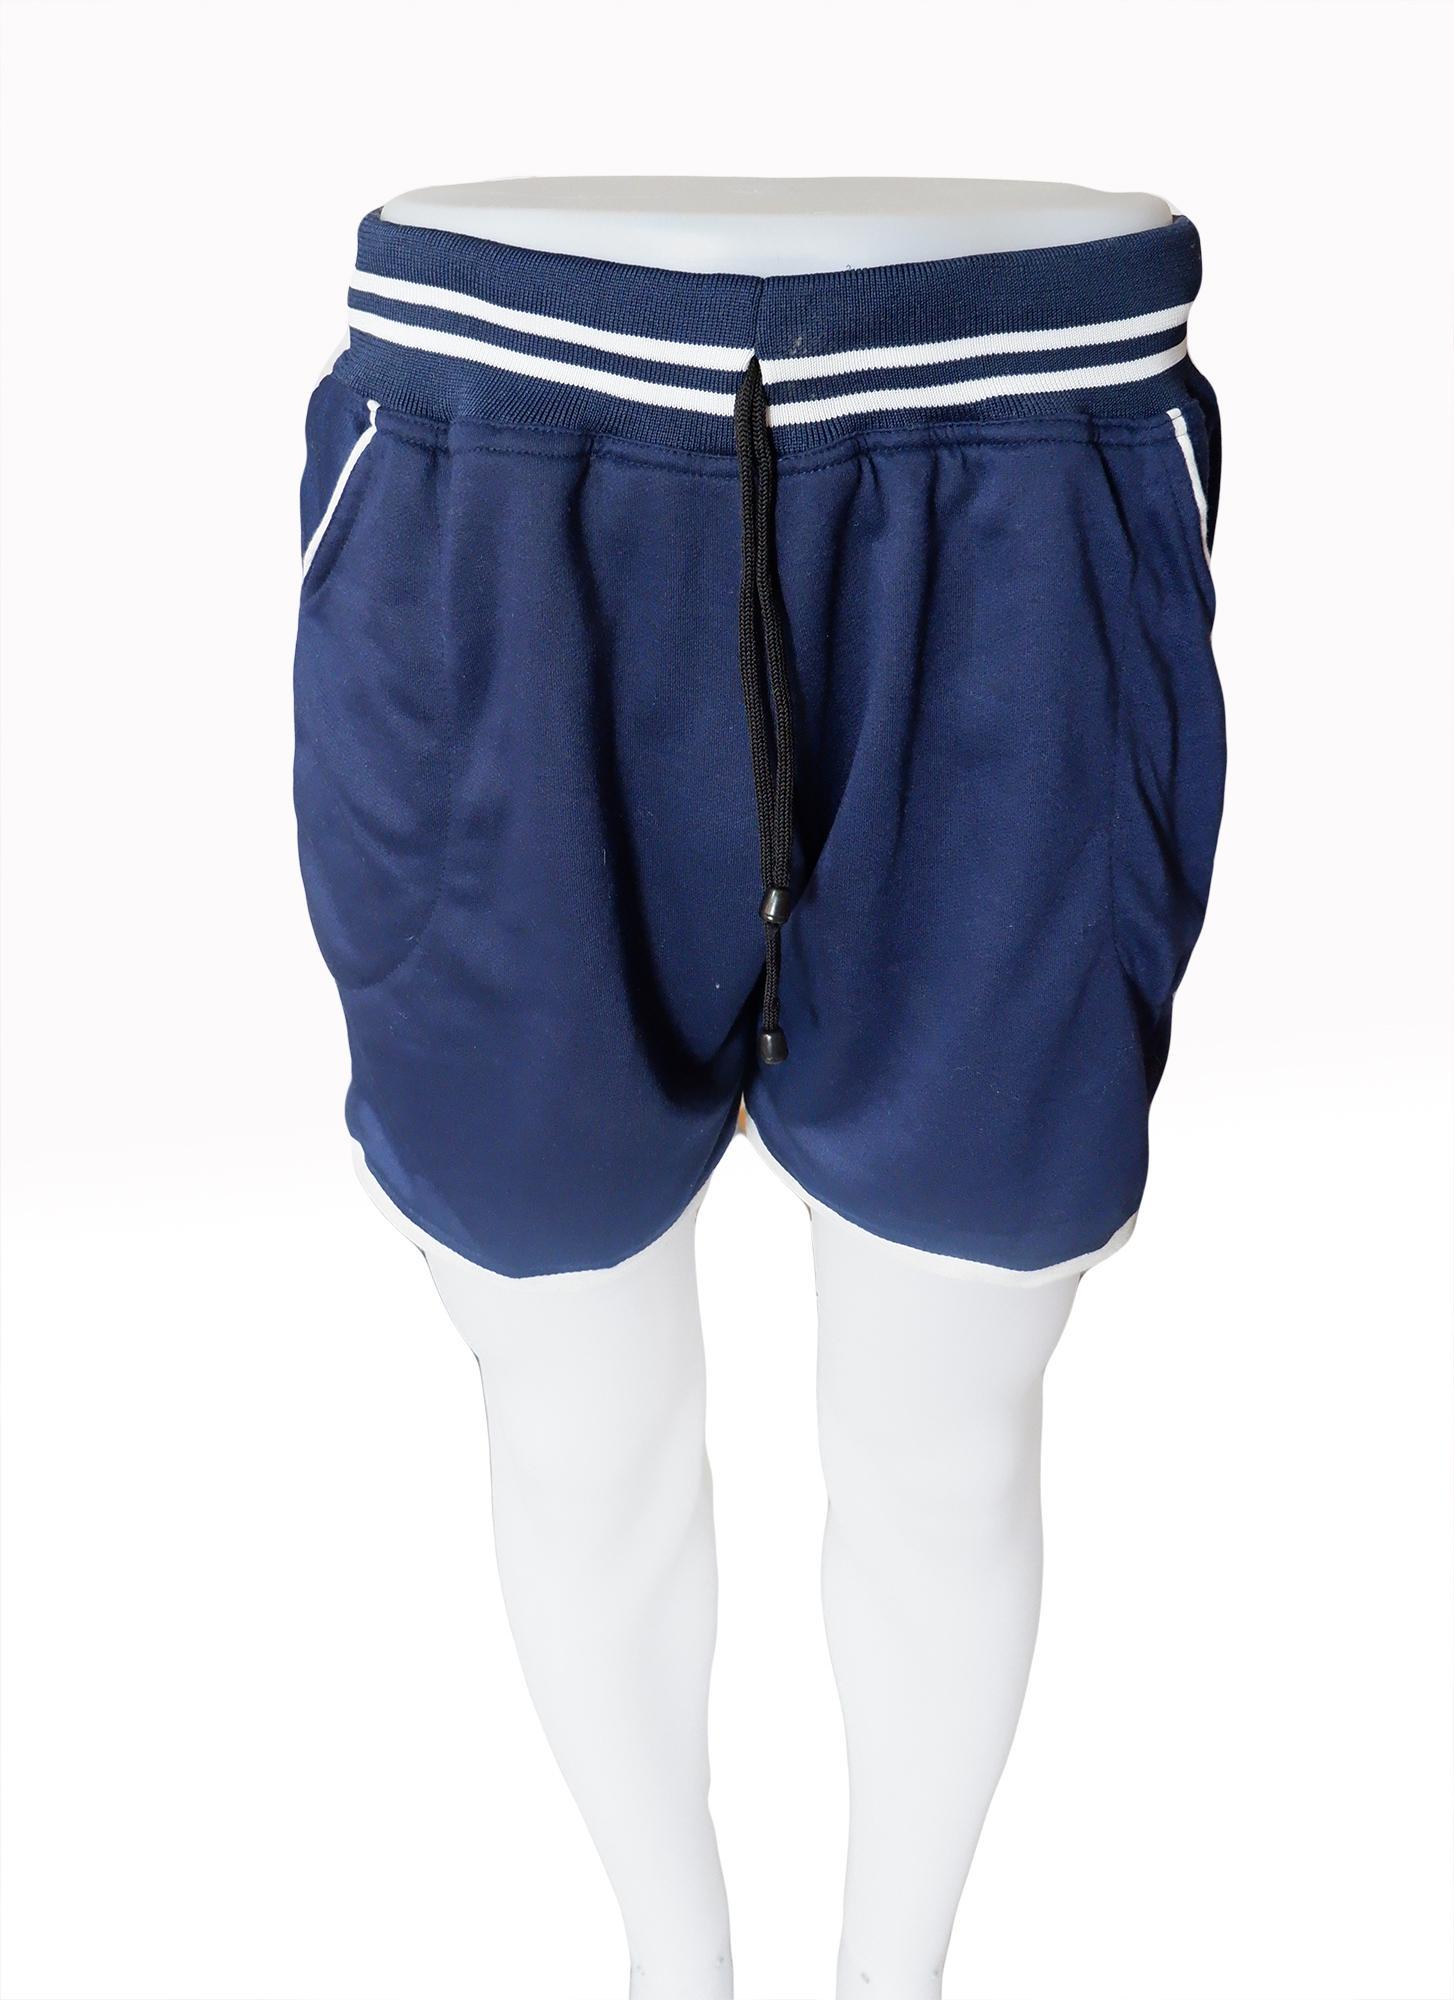 Toko Indonesia Perbandingan Harga Pakaian Pria Bahan 20 07 18 Celana Dalam Spandek Biru Box 281 Pendek Santai